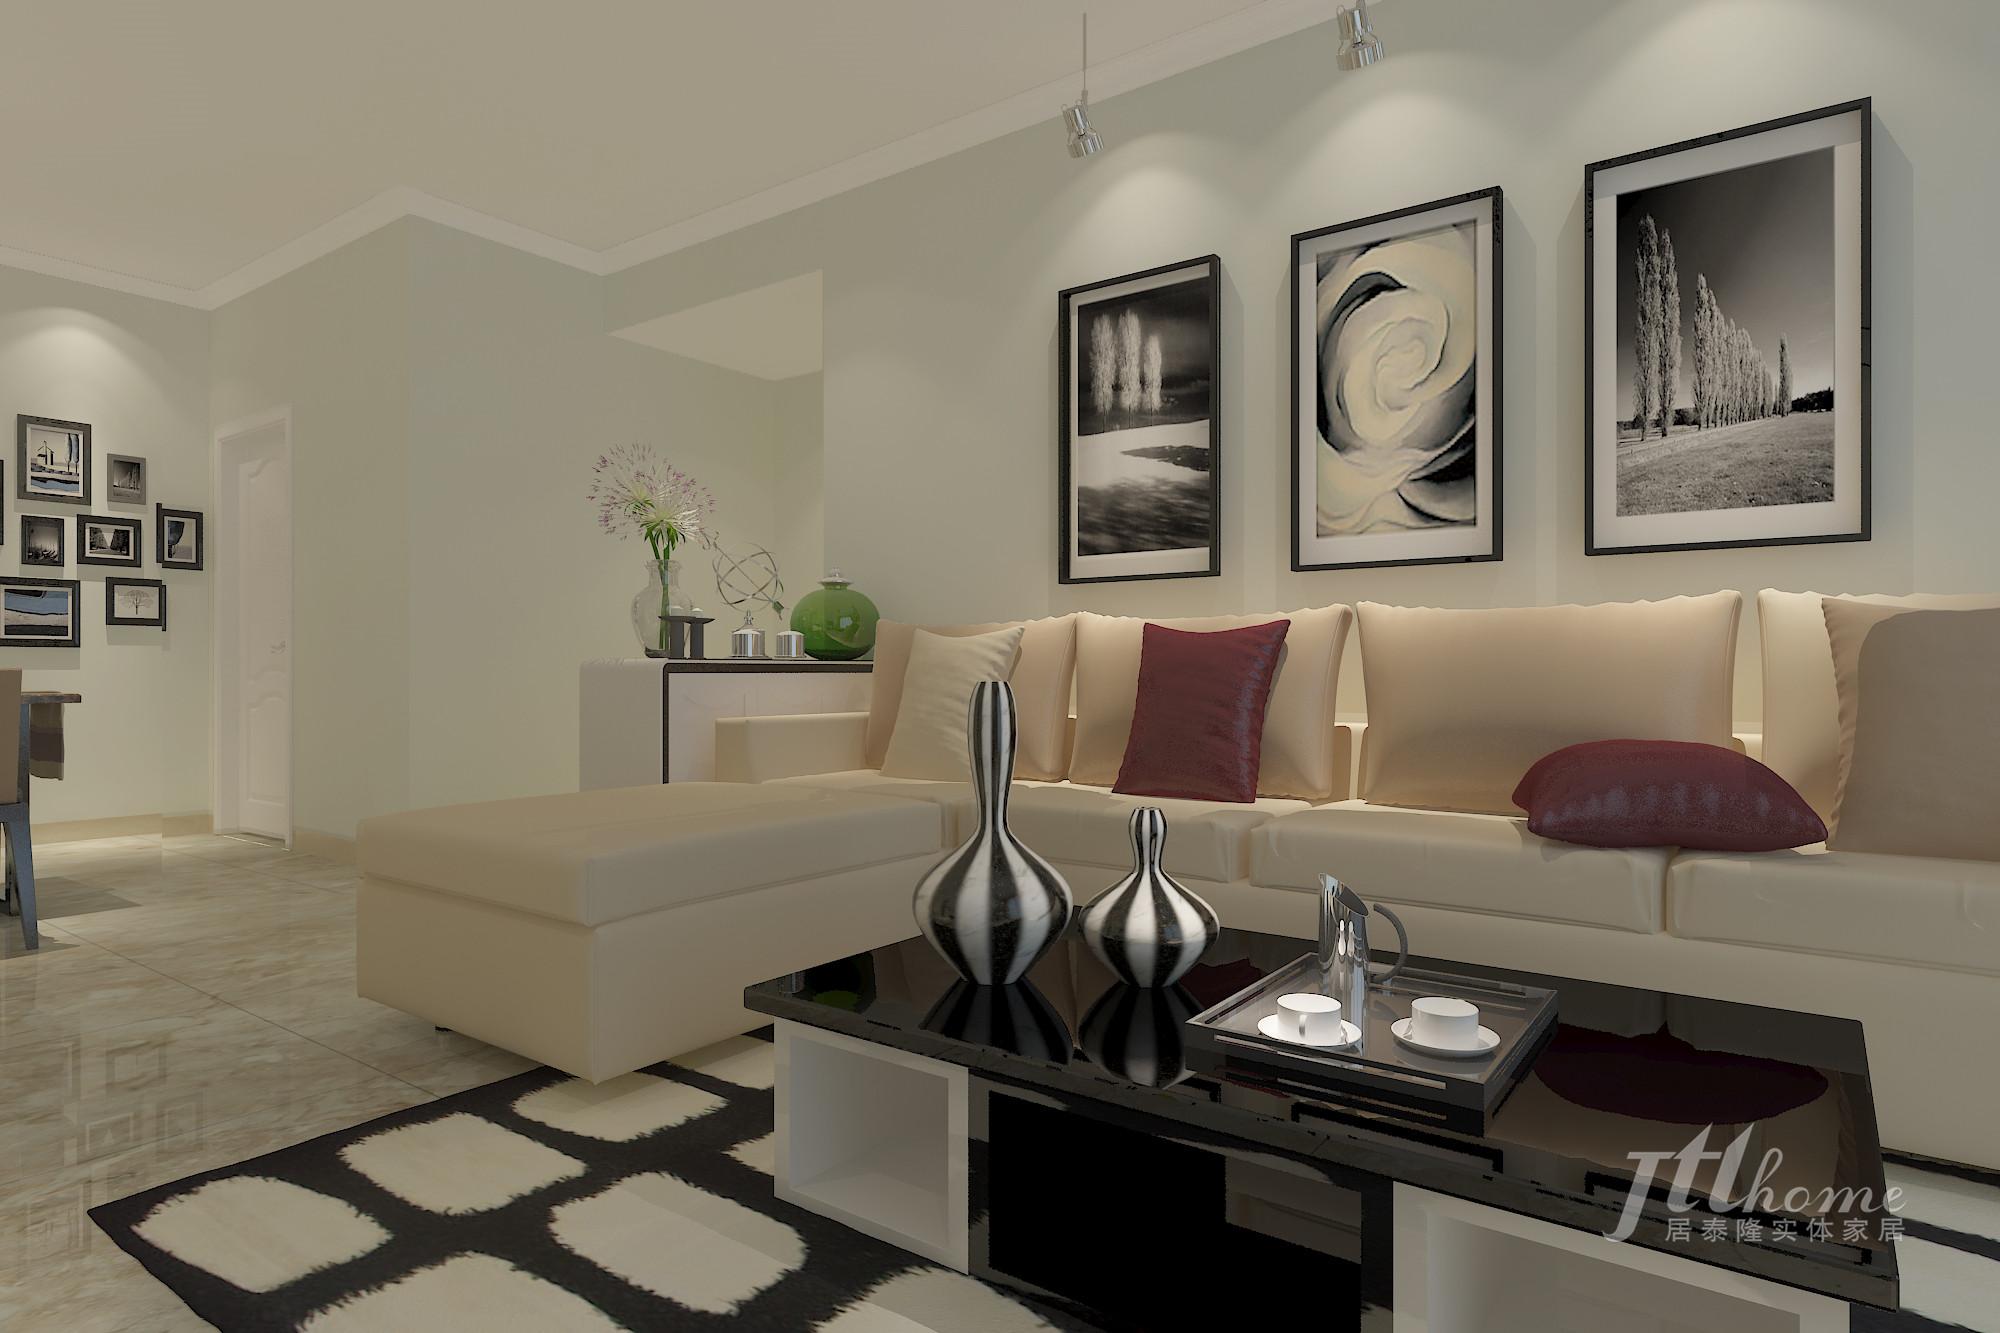 简约 三居 宜居 舒适 温馨 客厅图片来自居泰隆深圳在振业天峦现代简约 三居室的分享